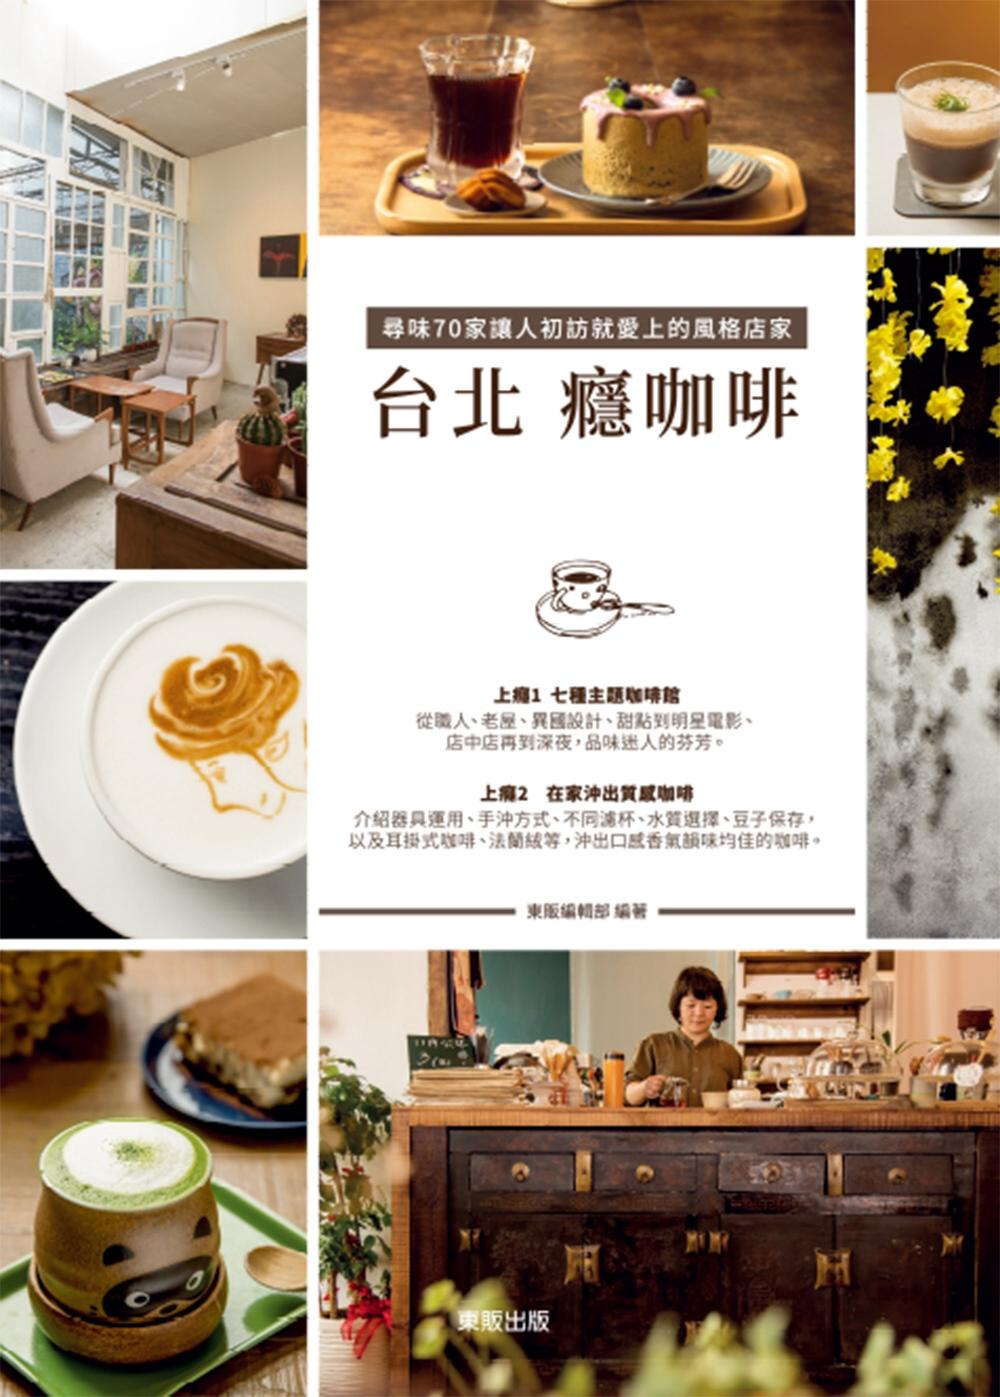 ◤博客來BOOKS◢ 暢銷書榜《推薦》台北癮咖啡,尋味70家讓人初訪就愛上的風格店家